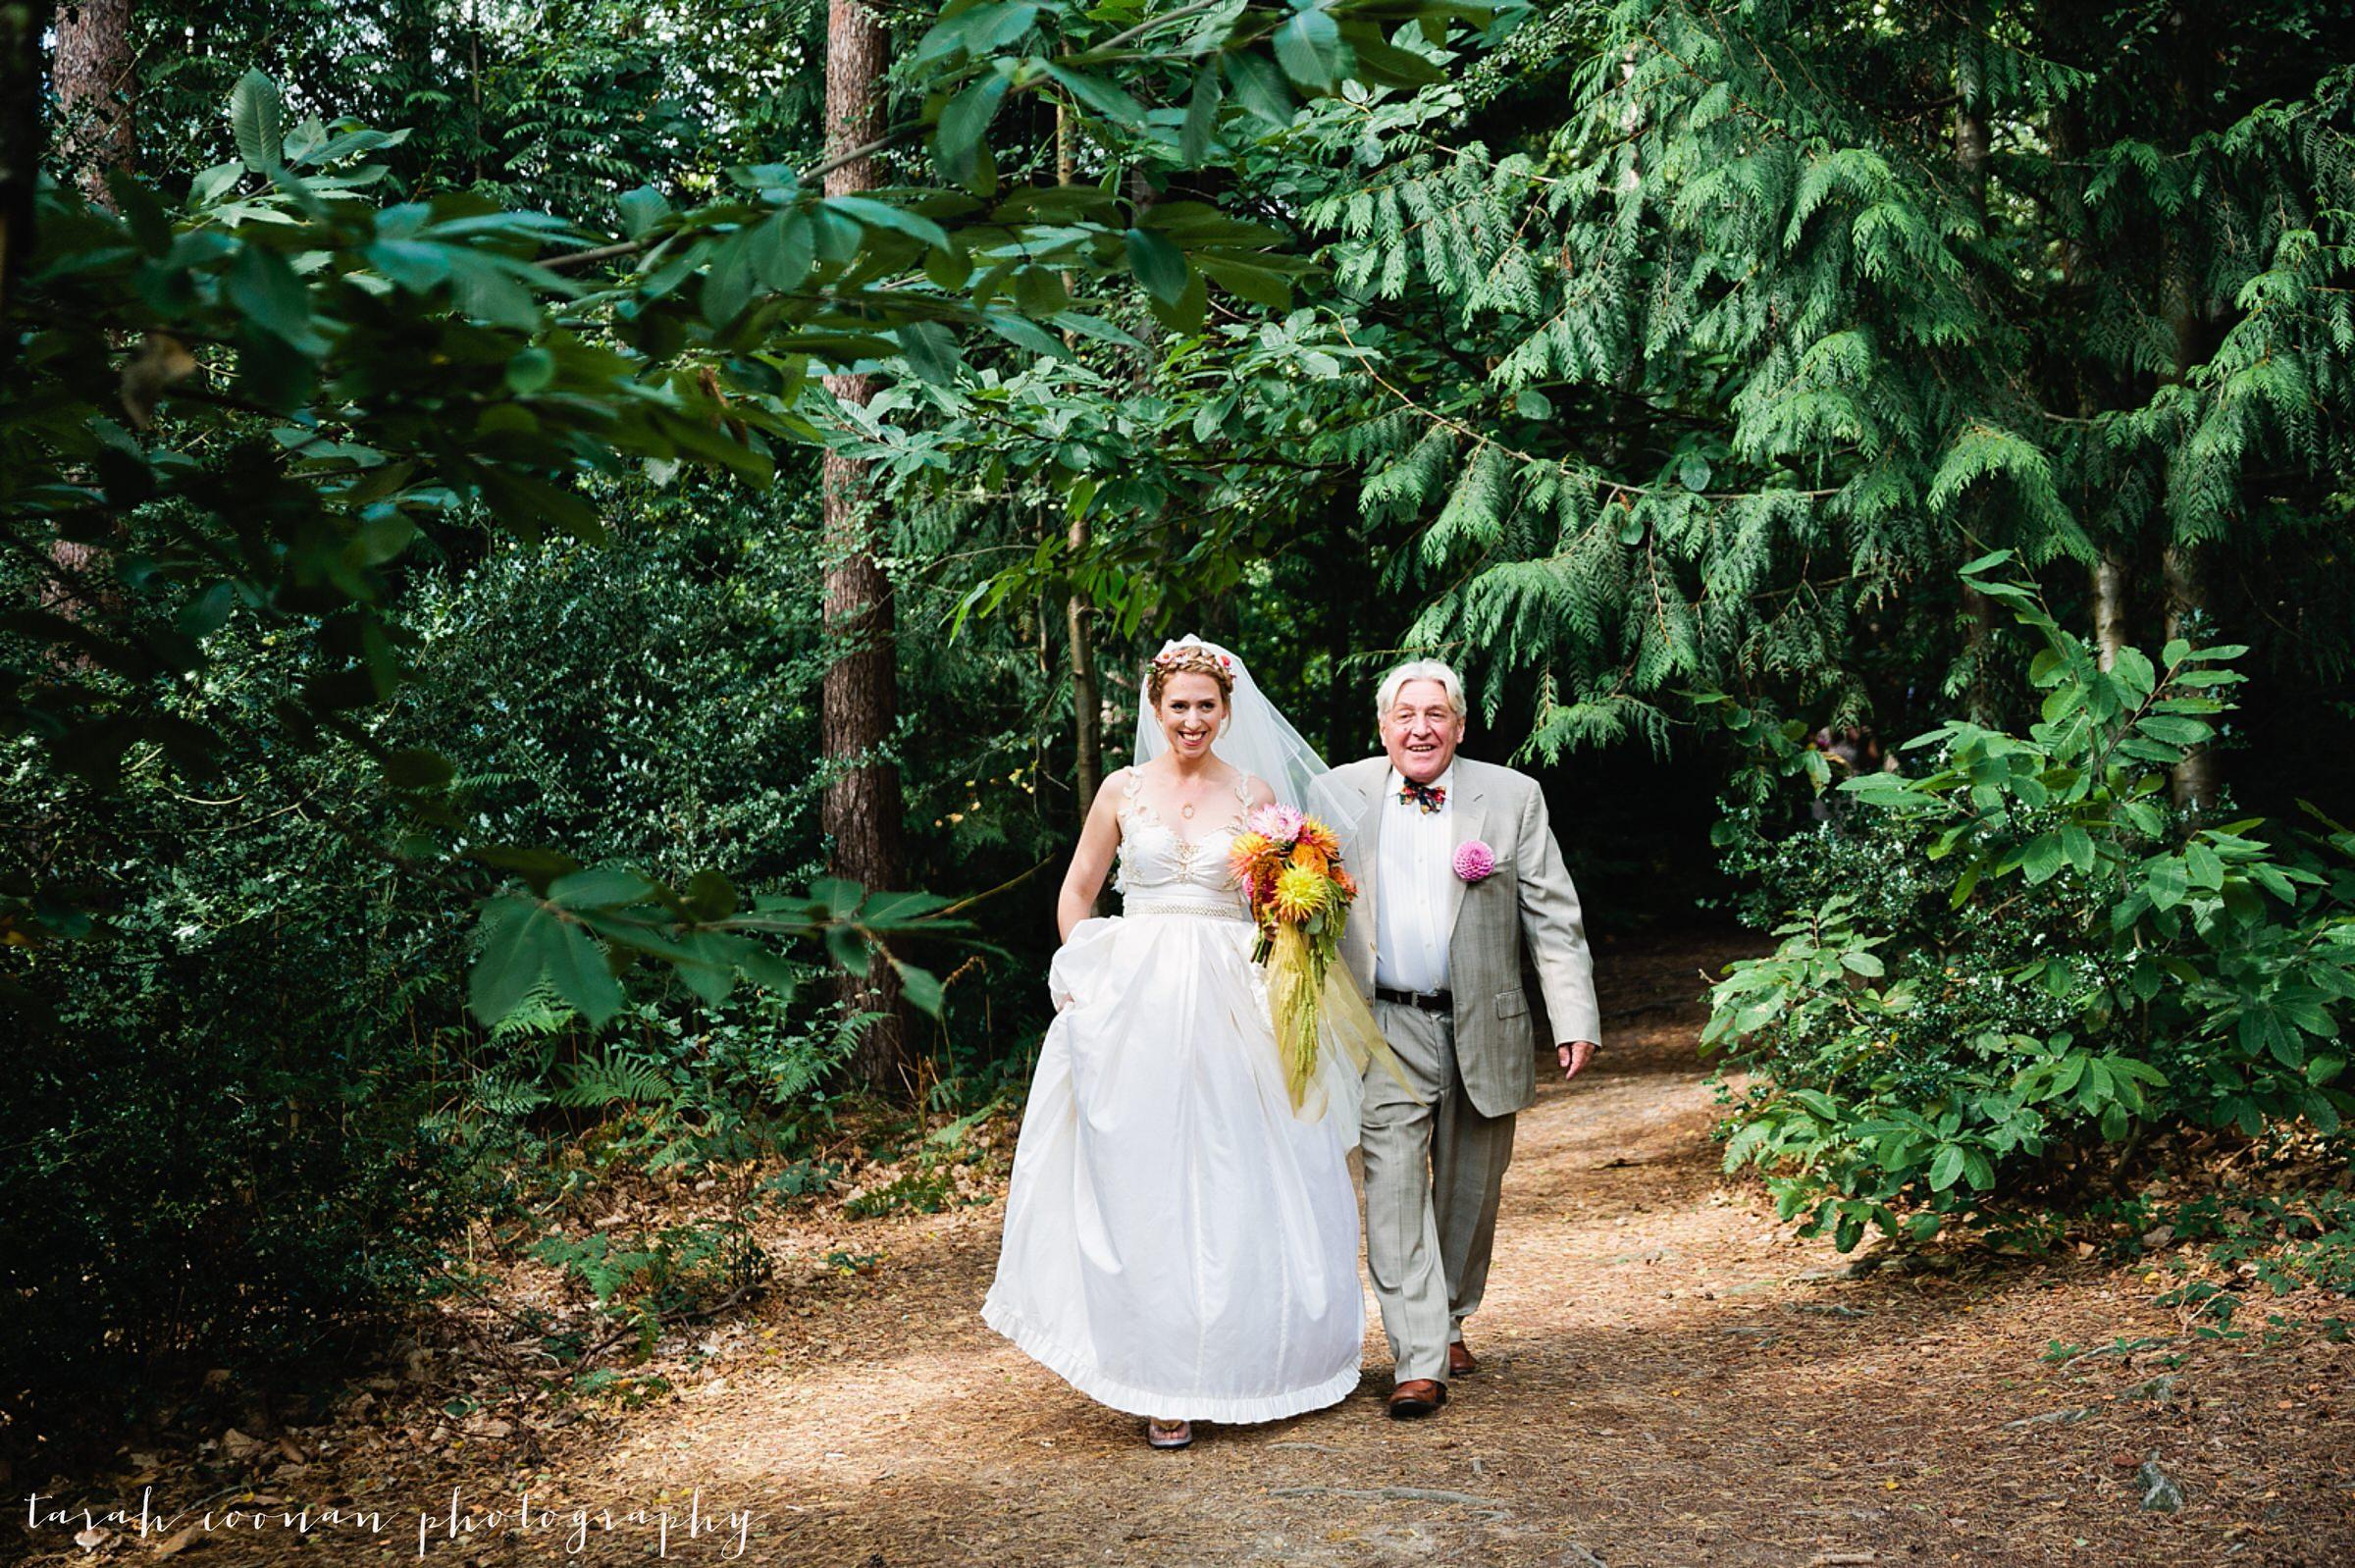 wedding in a wood